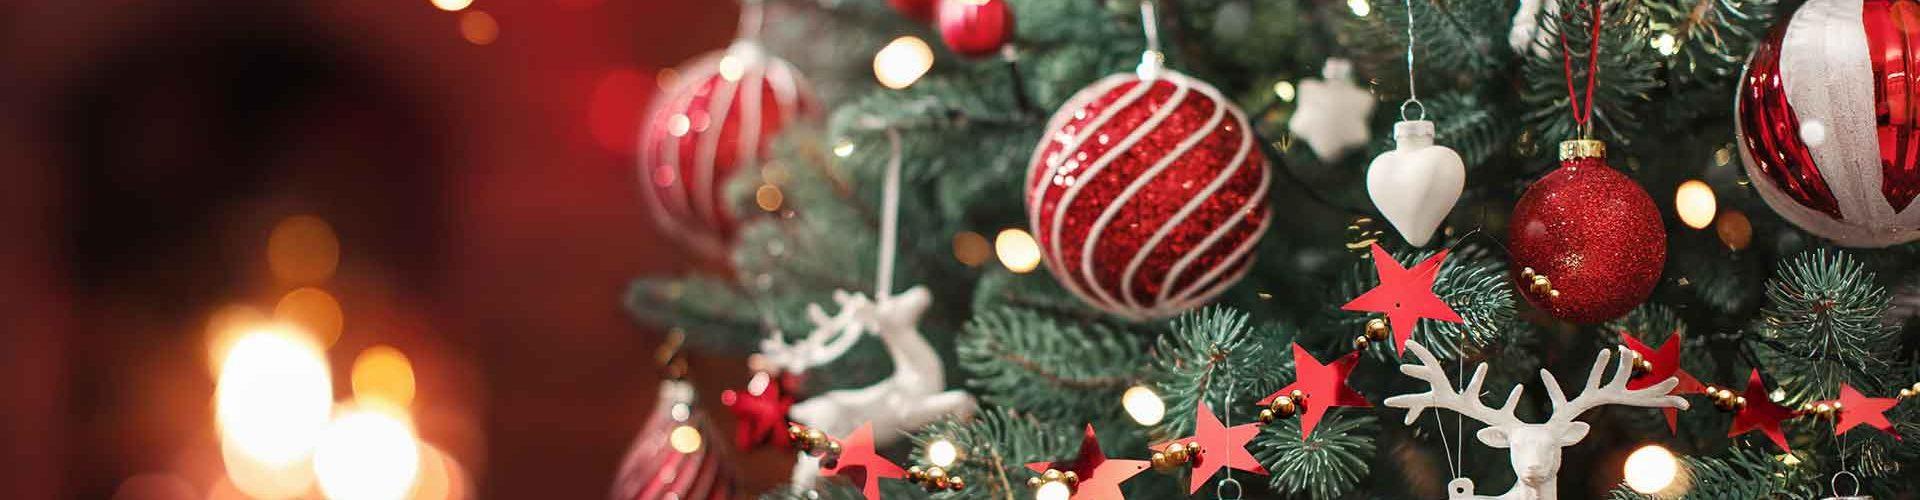 Christmas_2020